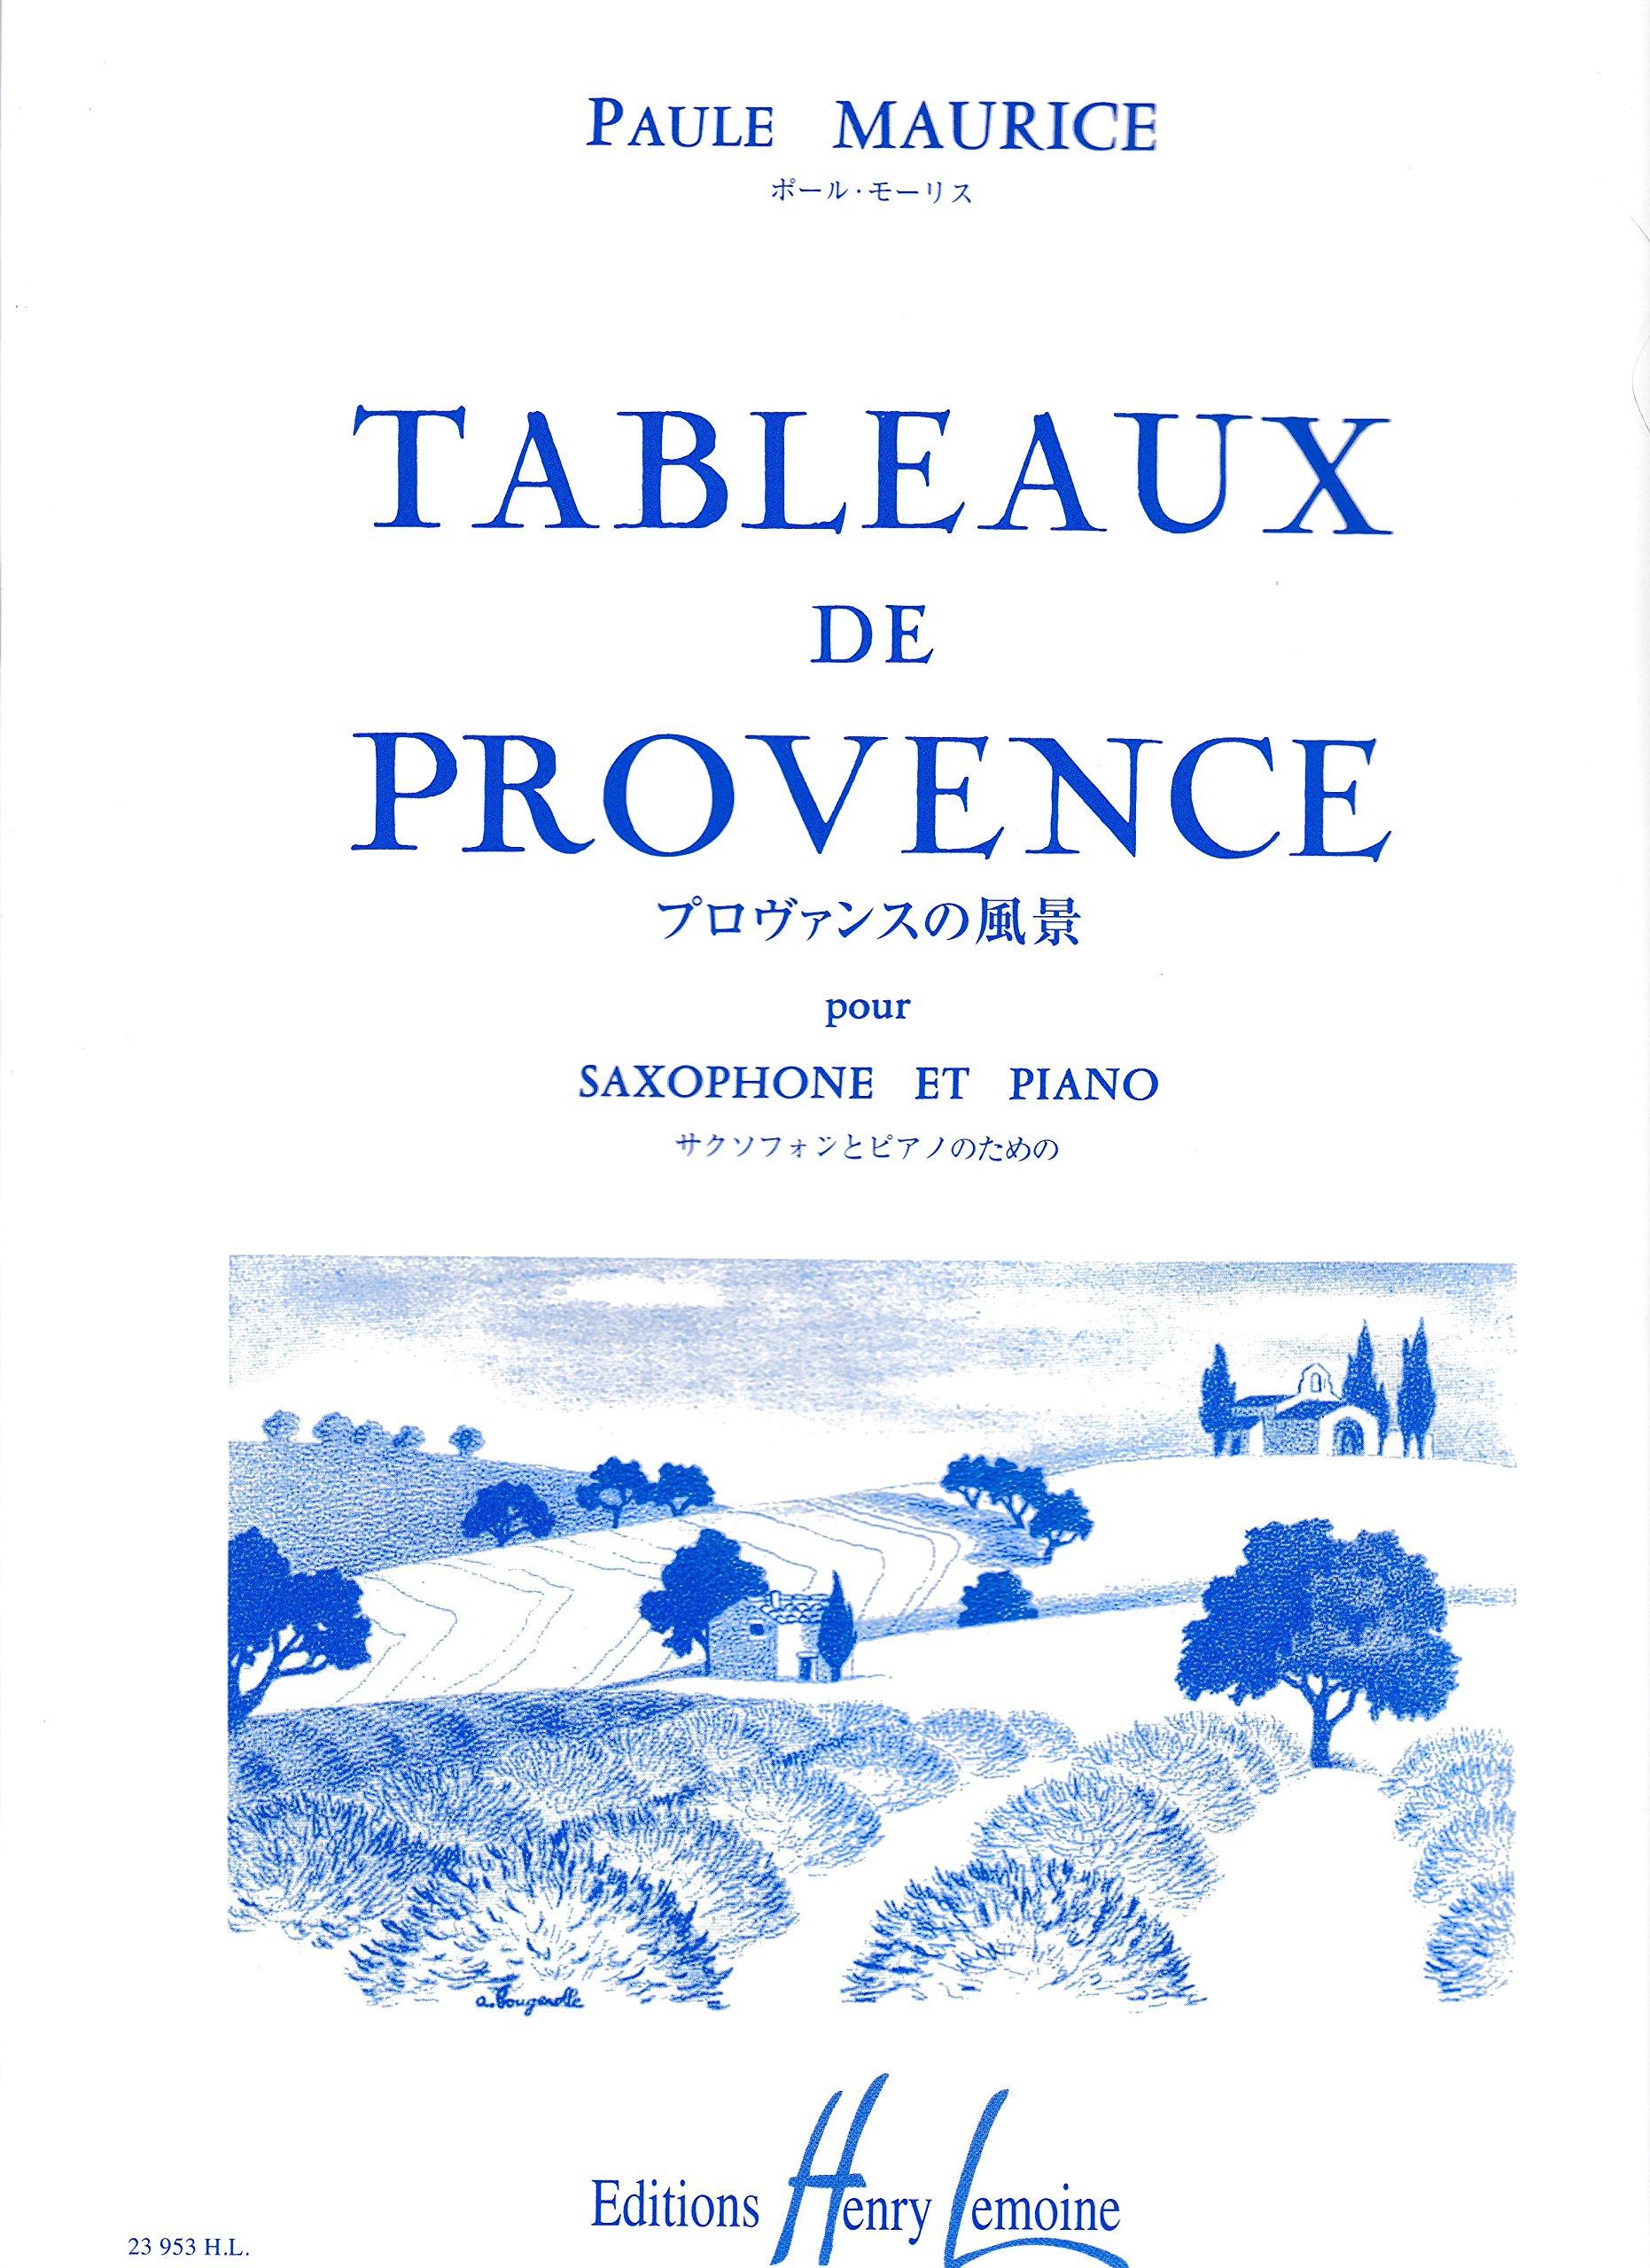 Tableaux De Provence Pour Saxophone Et Piano Paule Maurice Amazon